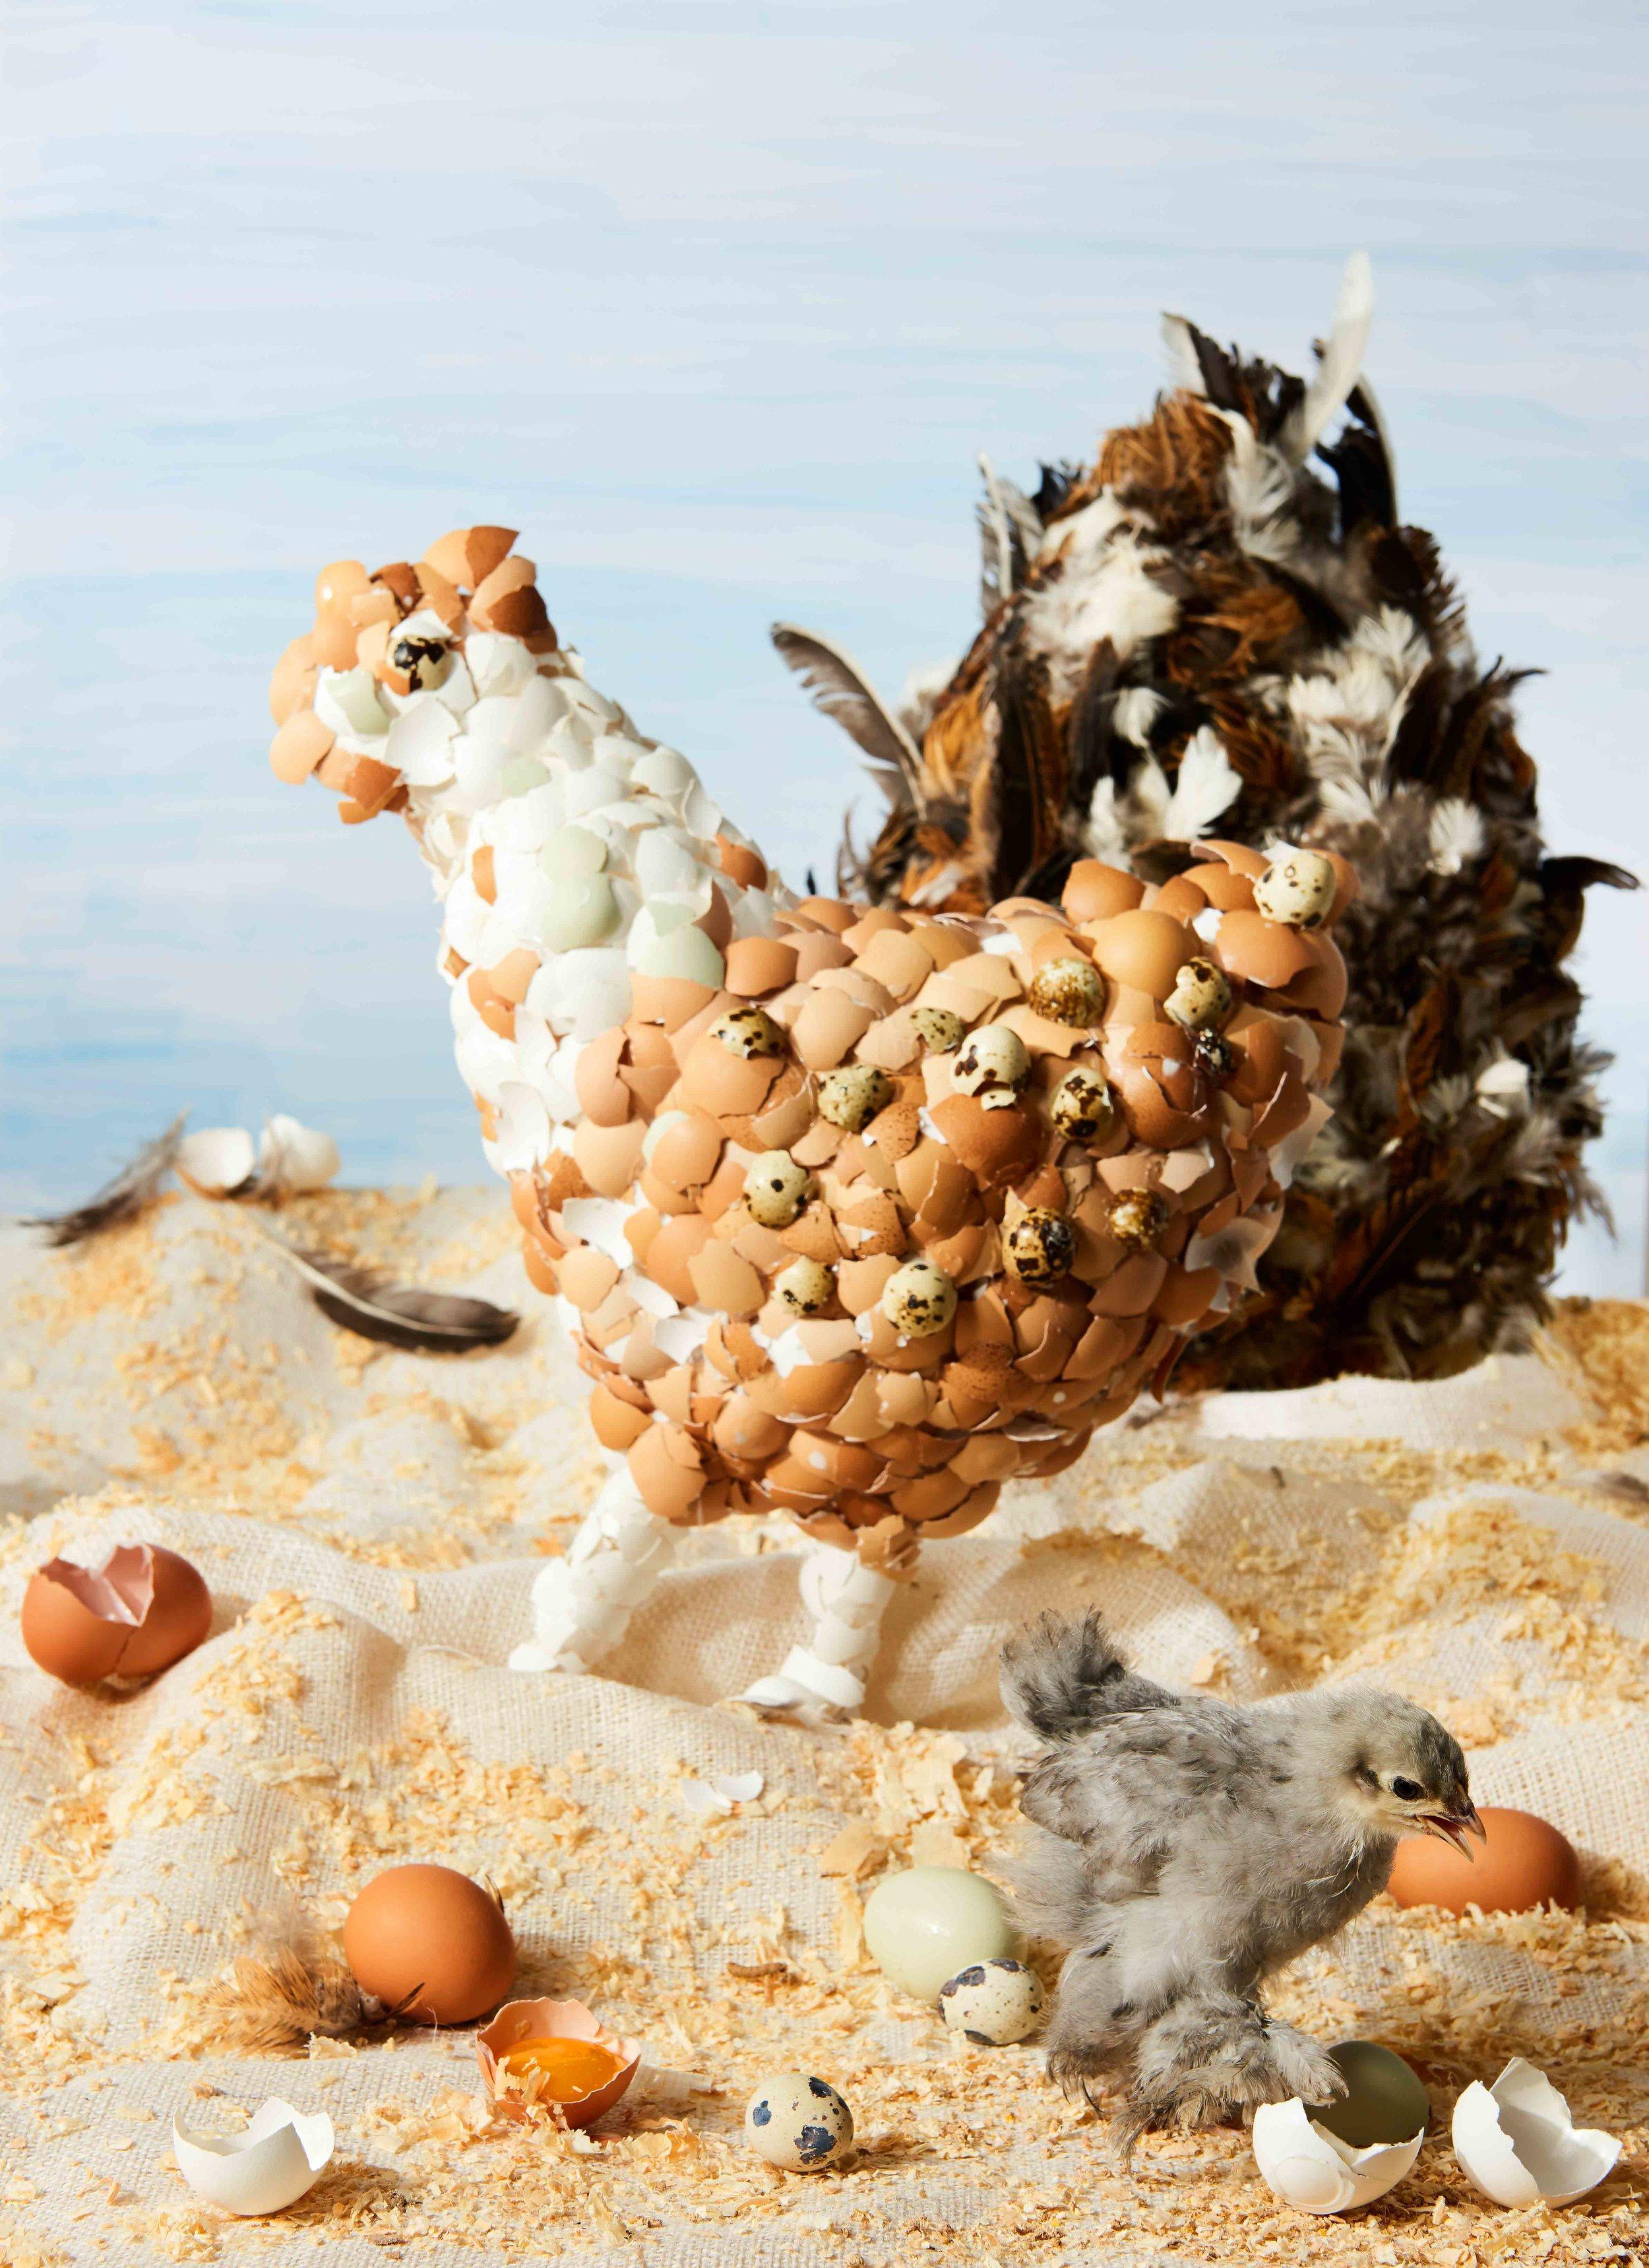 Chicken_Egg_Situation 2.jpg